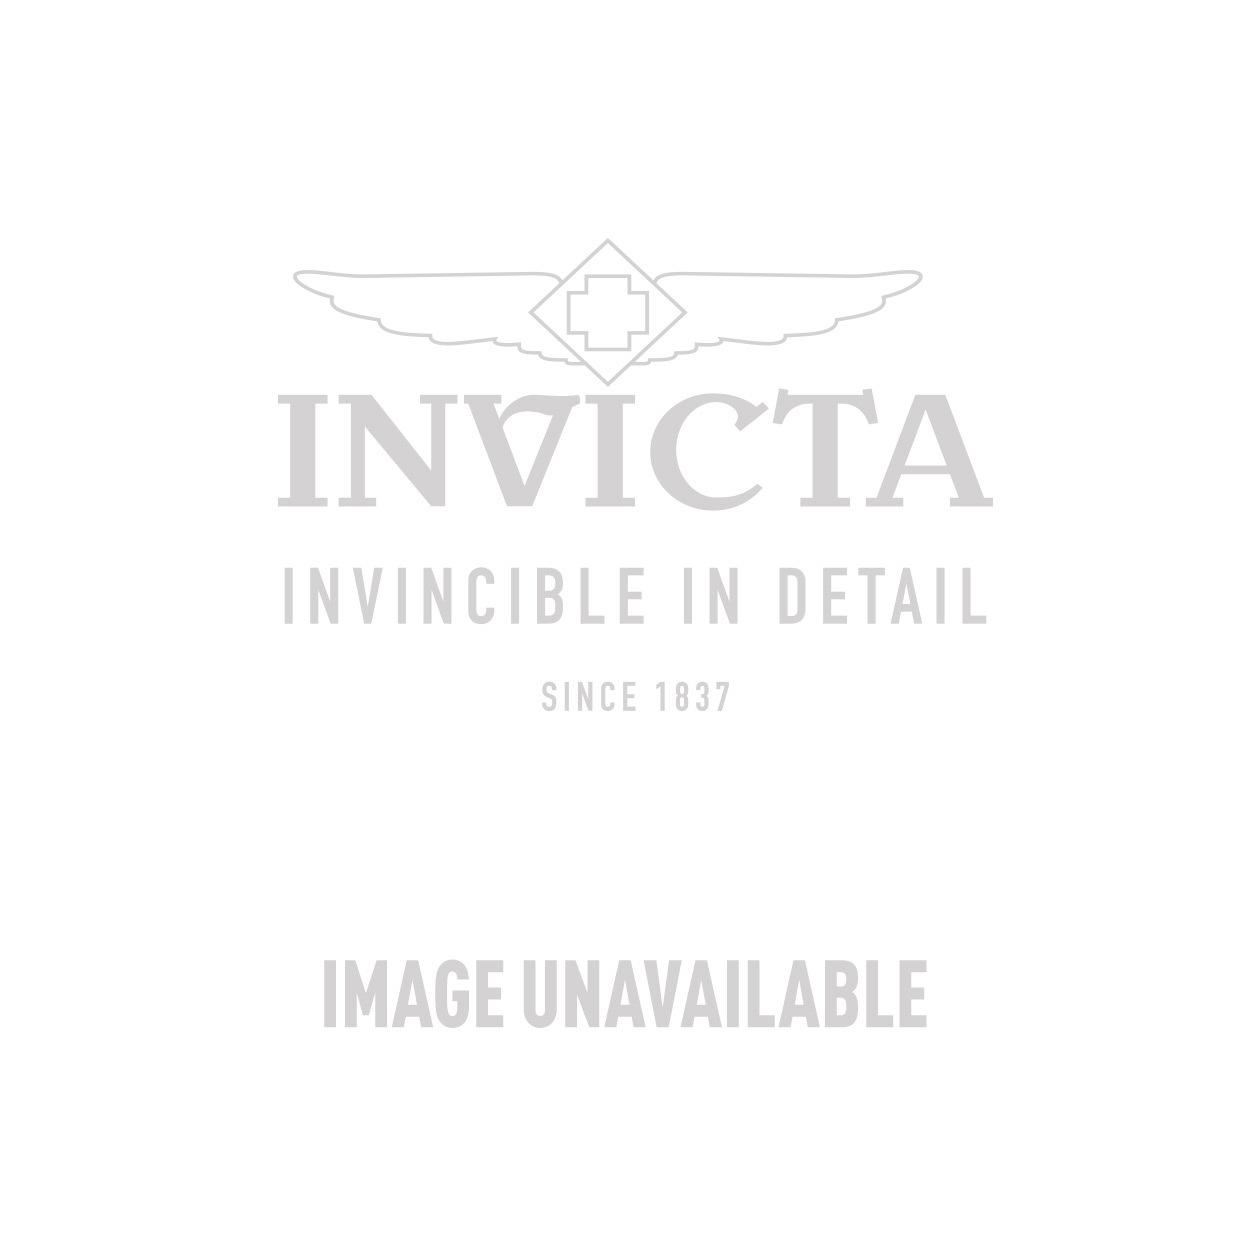 Invicta Model 27744